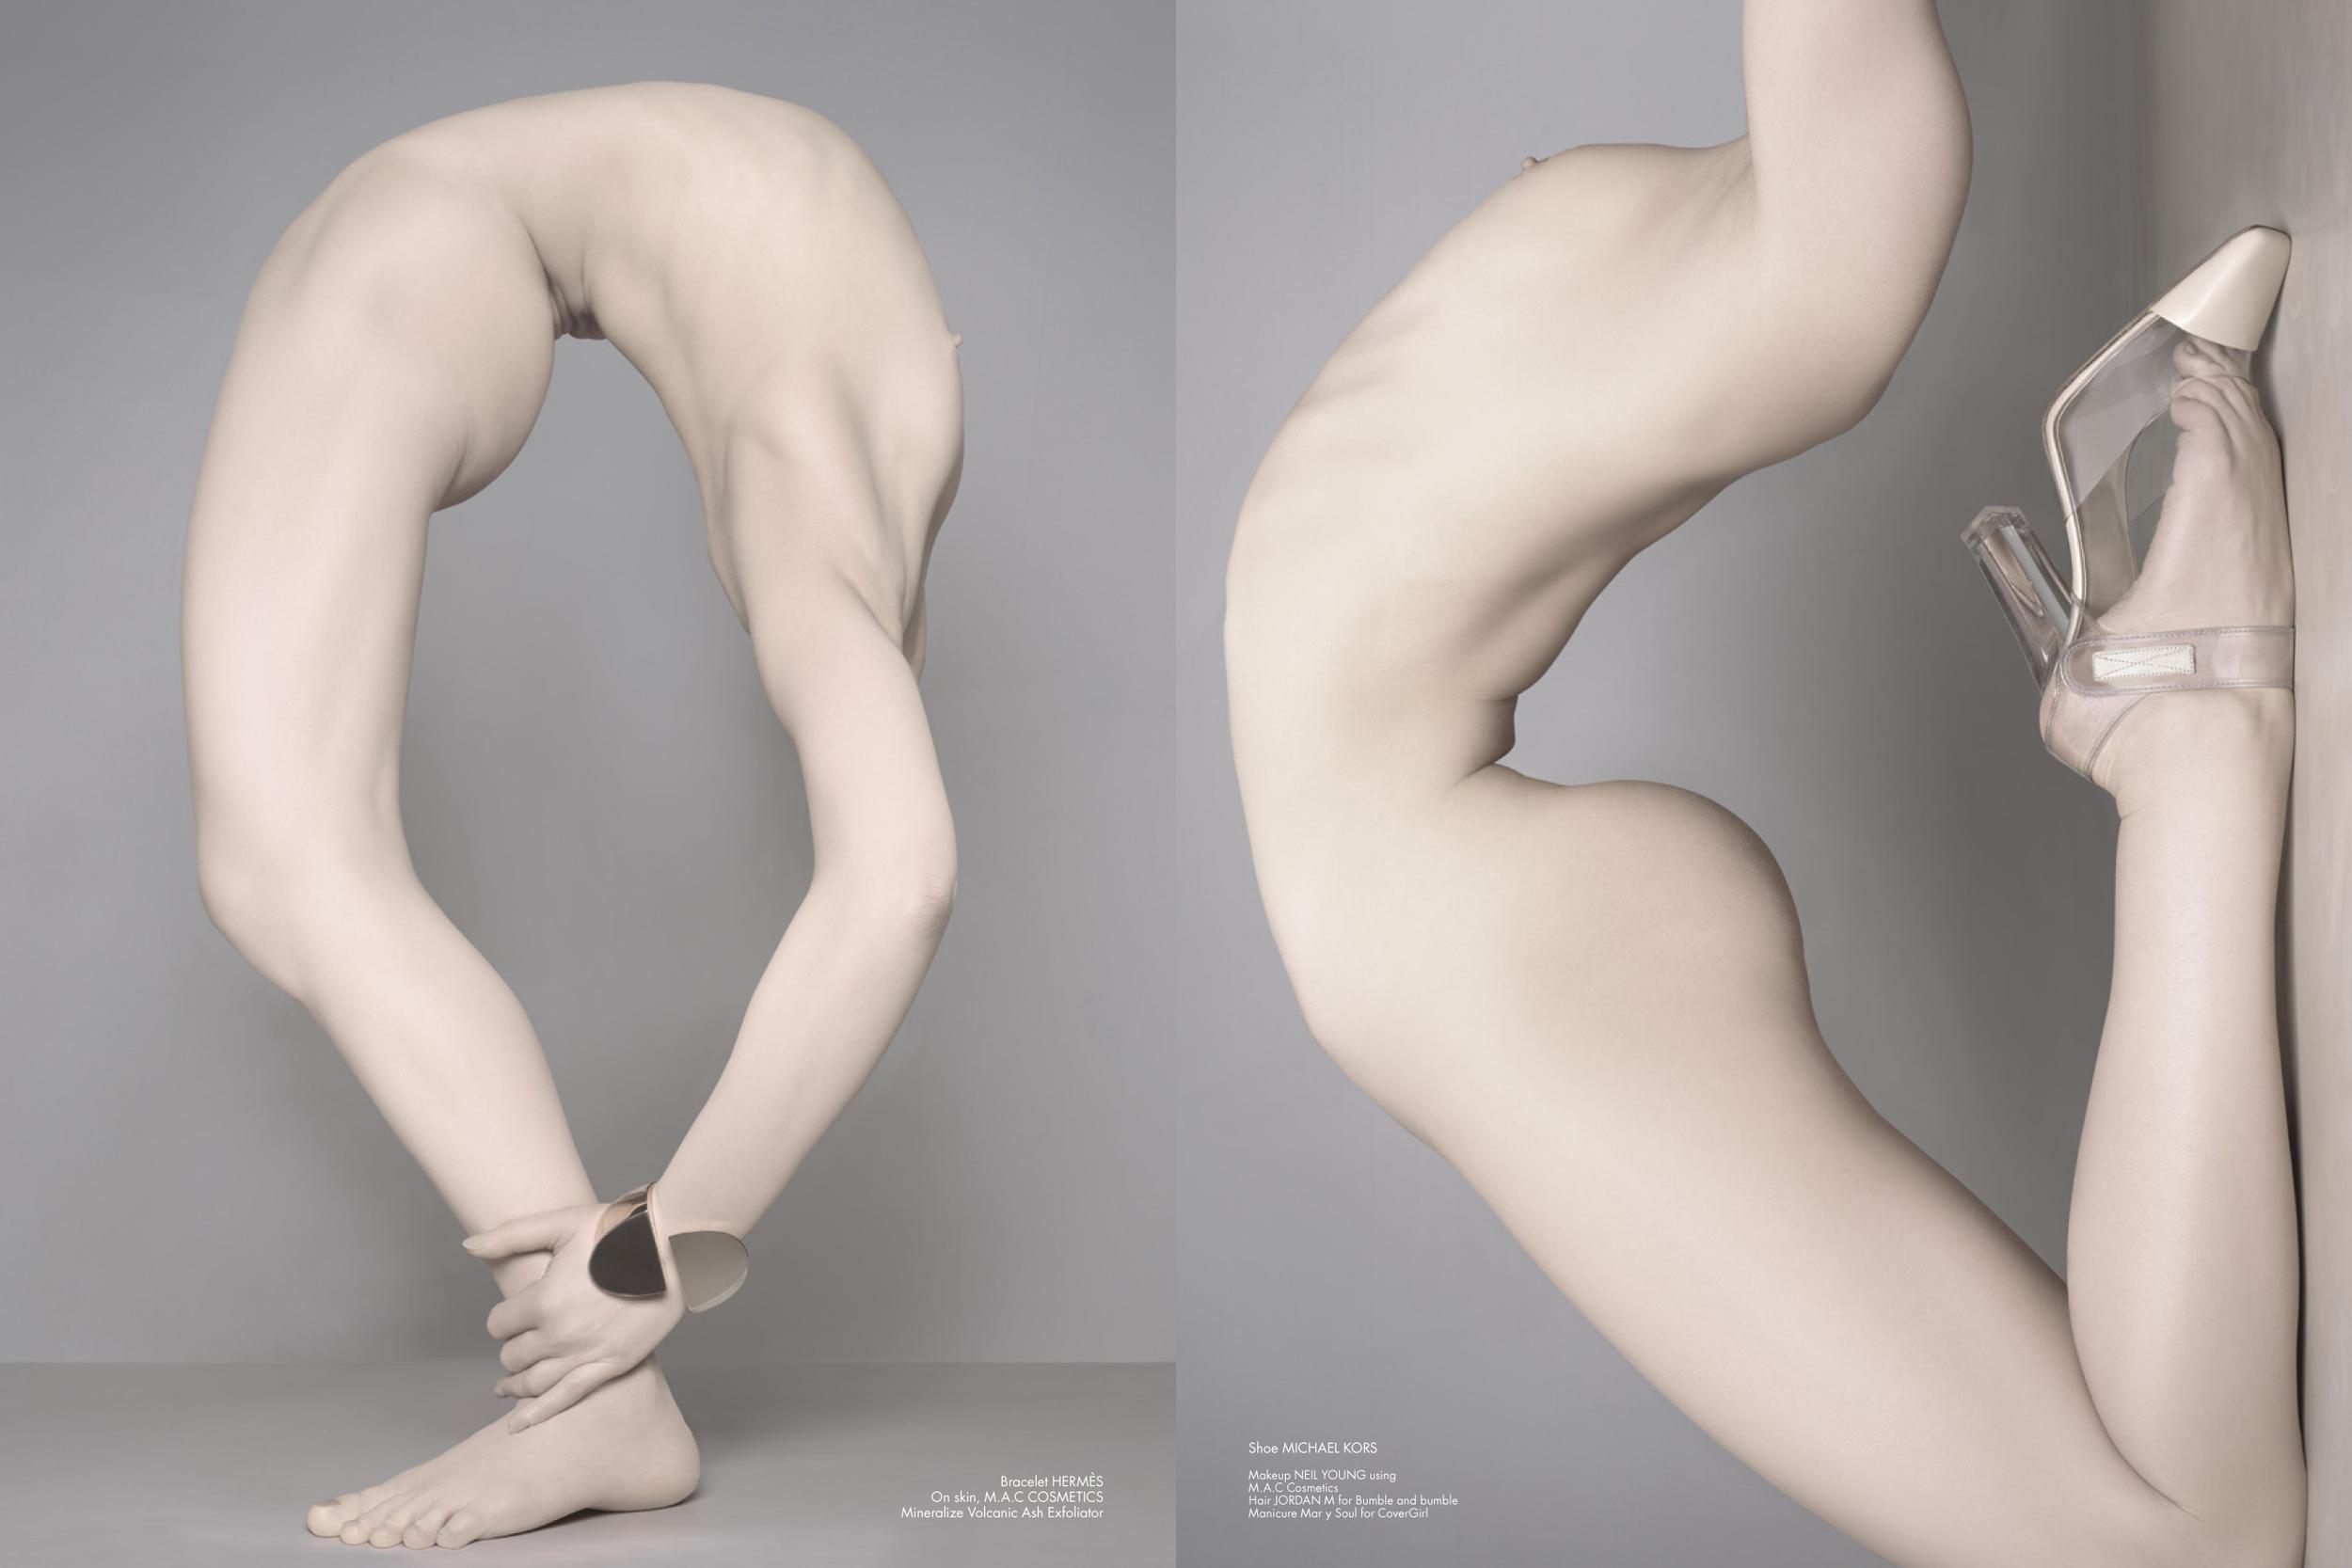 CR 3   Brigitte Neidermair  Styling